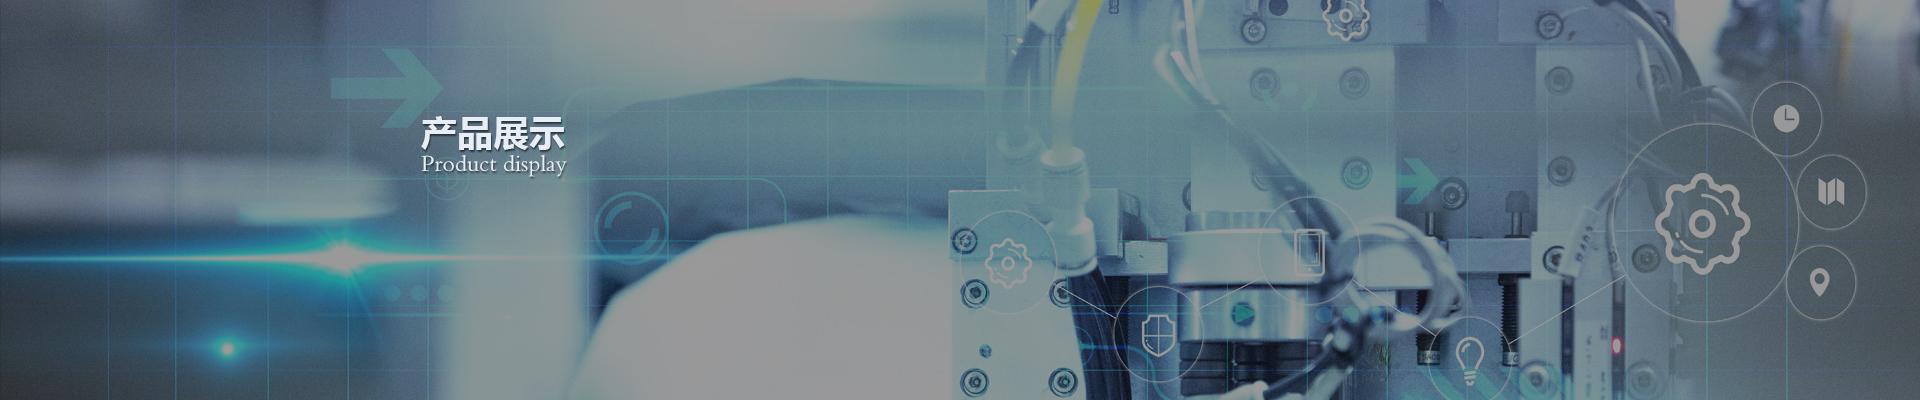 艾琳包装材料BOPP透气防雾保鲜膜 - BOPP透气防雾保鲜膜 -